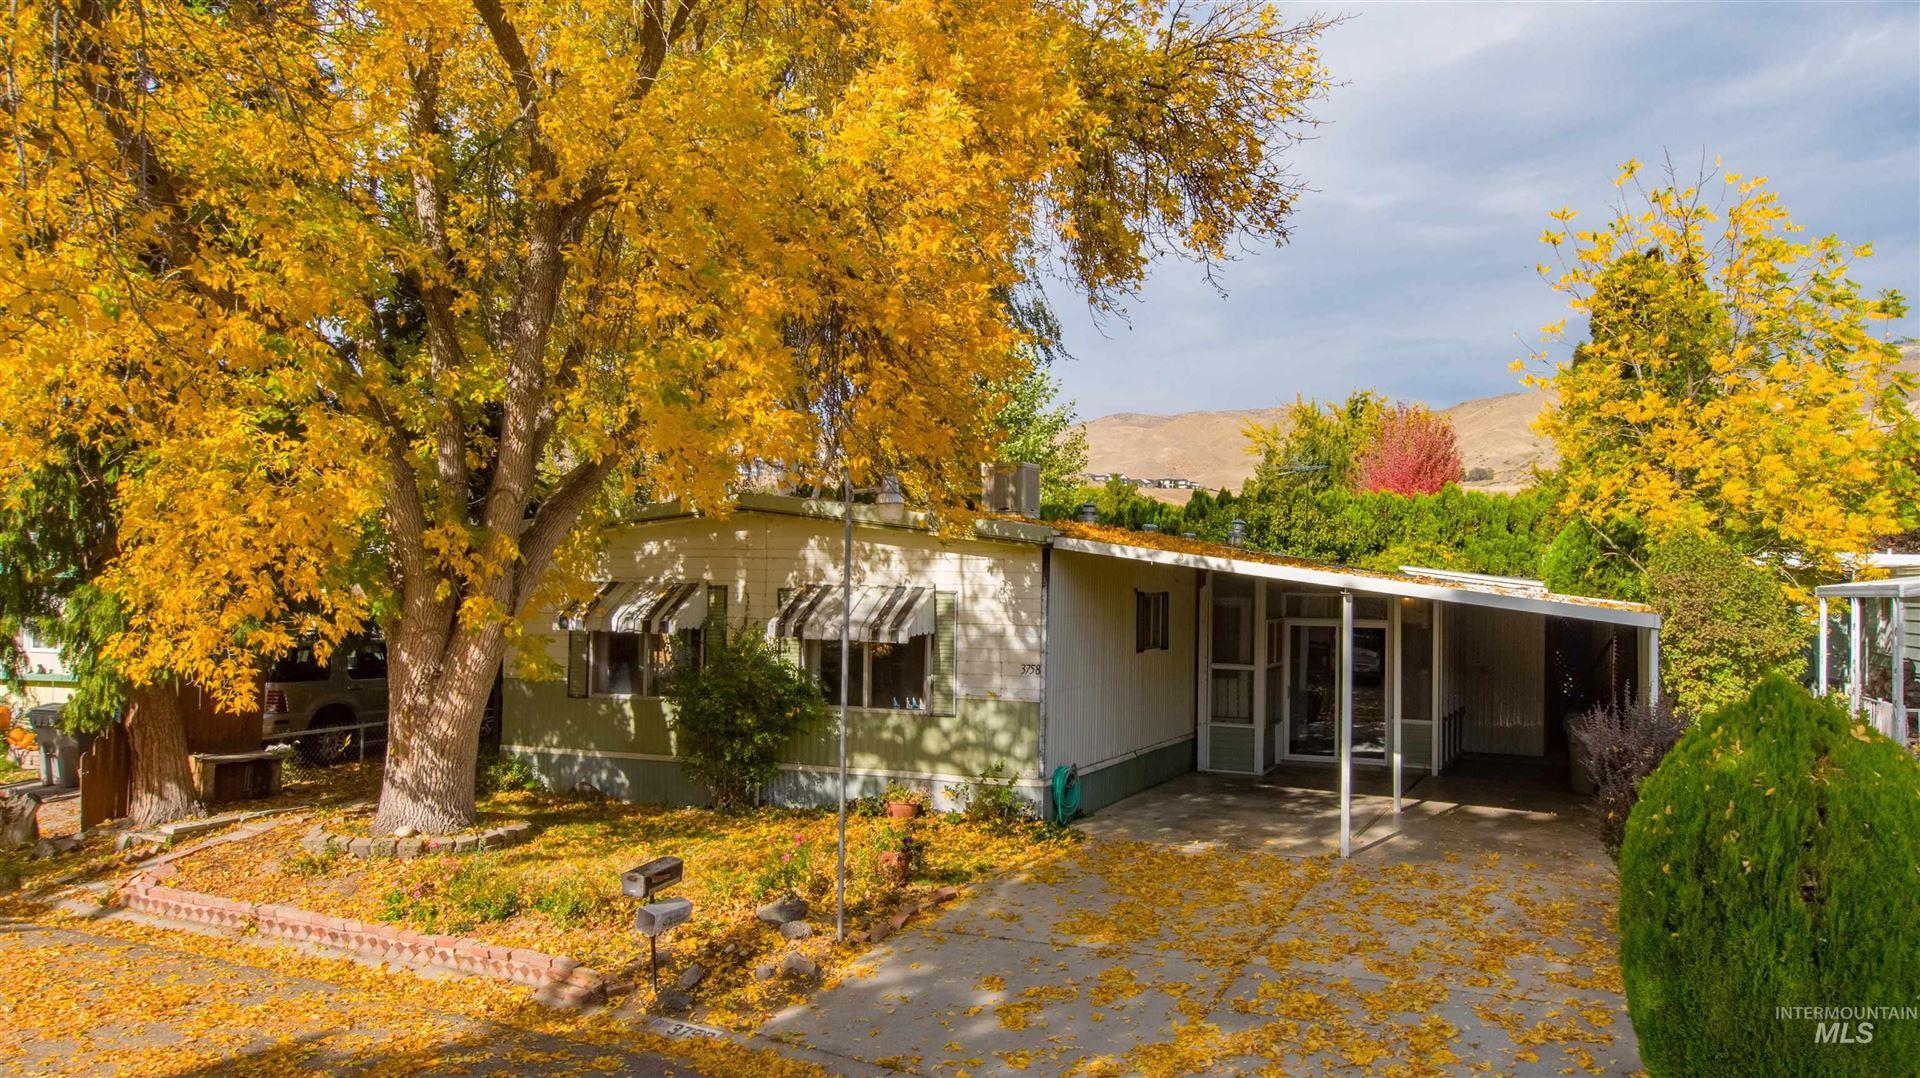 3758 S Kingsland Way, Boise, ID 83716-8712 - MLS#: 98821918